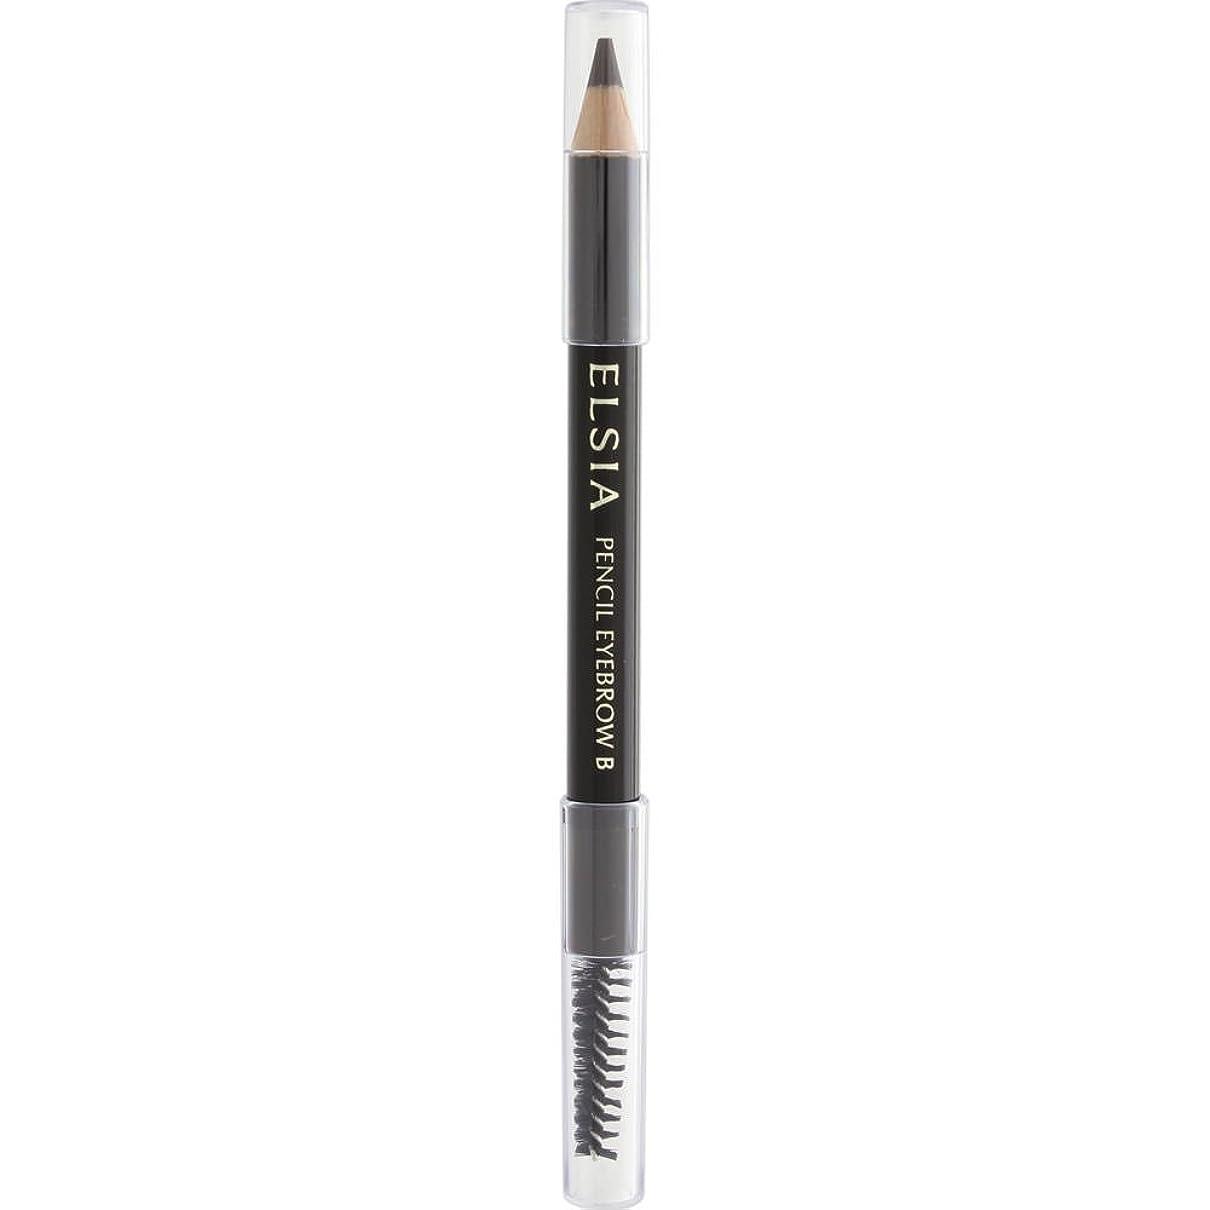 事実どこかいくつかのエルシア プラチナム 鉛筆 アイブロウ (ブラシ付) ブラウン BR300 1.1g